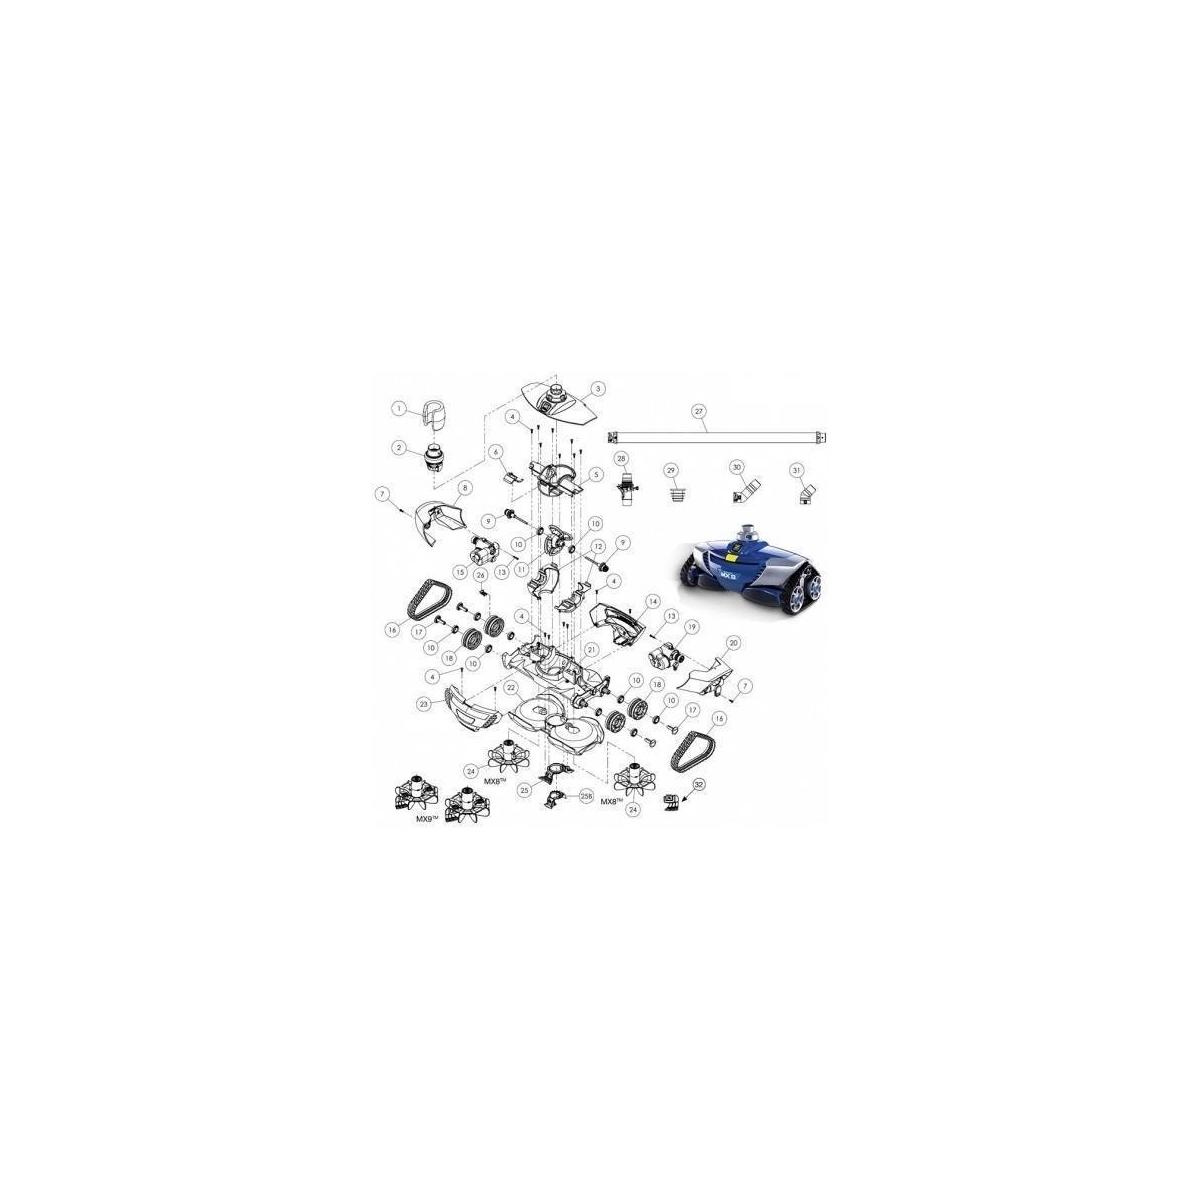 Re-acondicionado Conjunto soporte aletas del motor Zodiac MX8 W79013